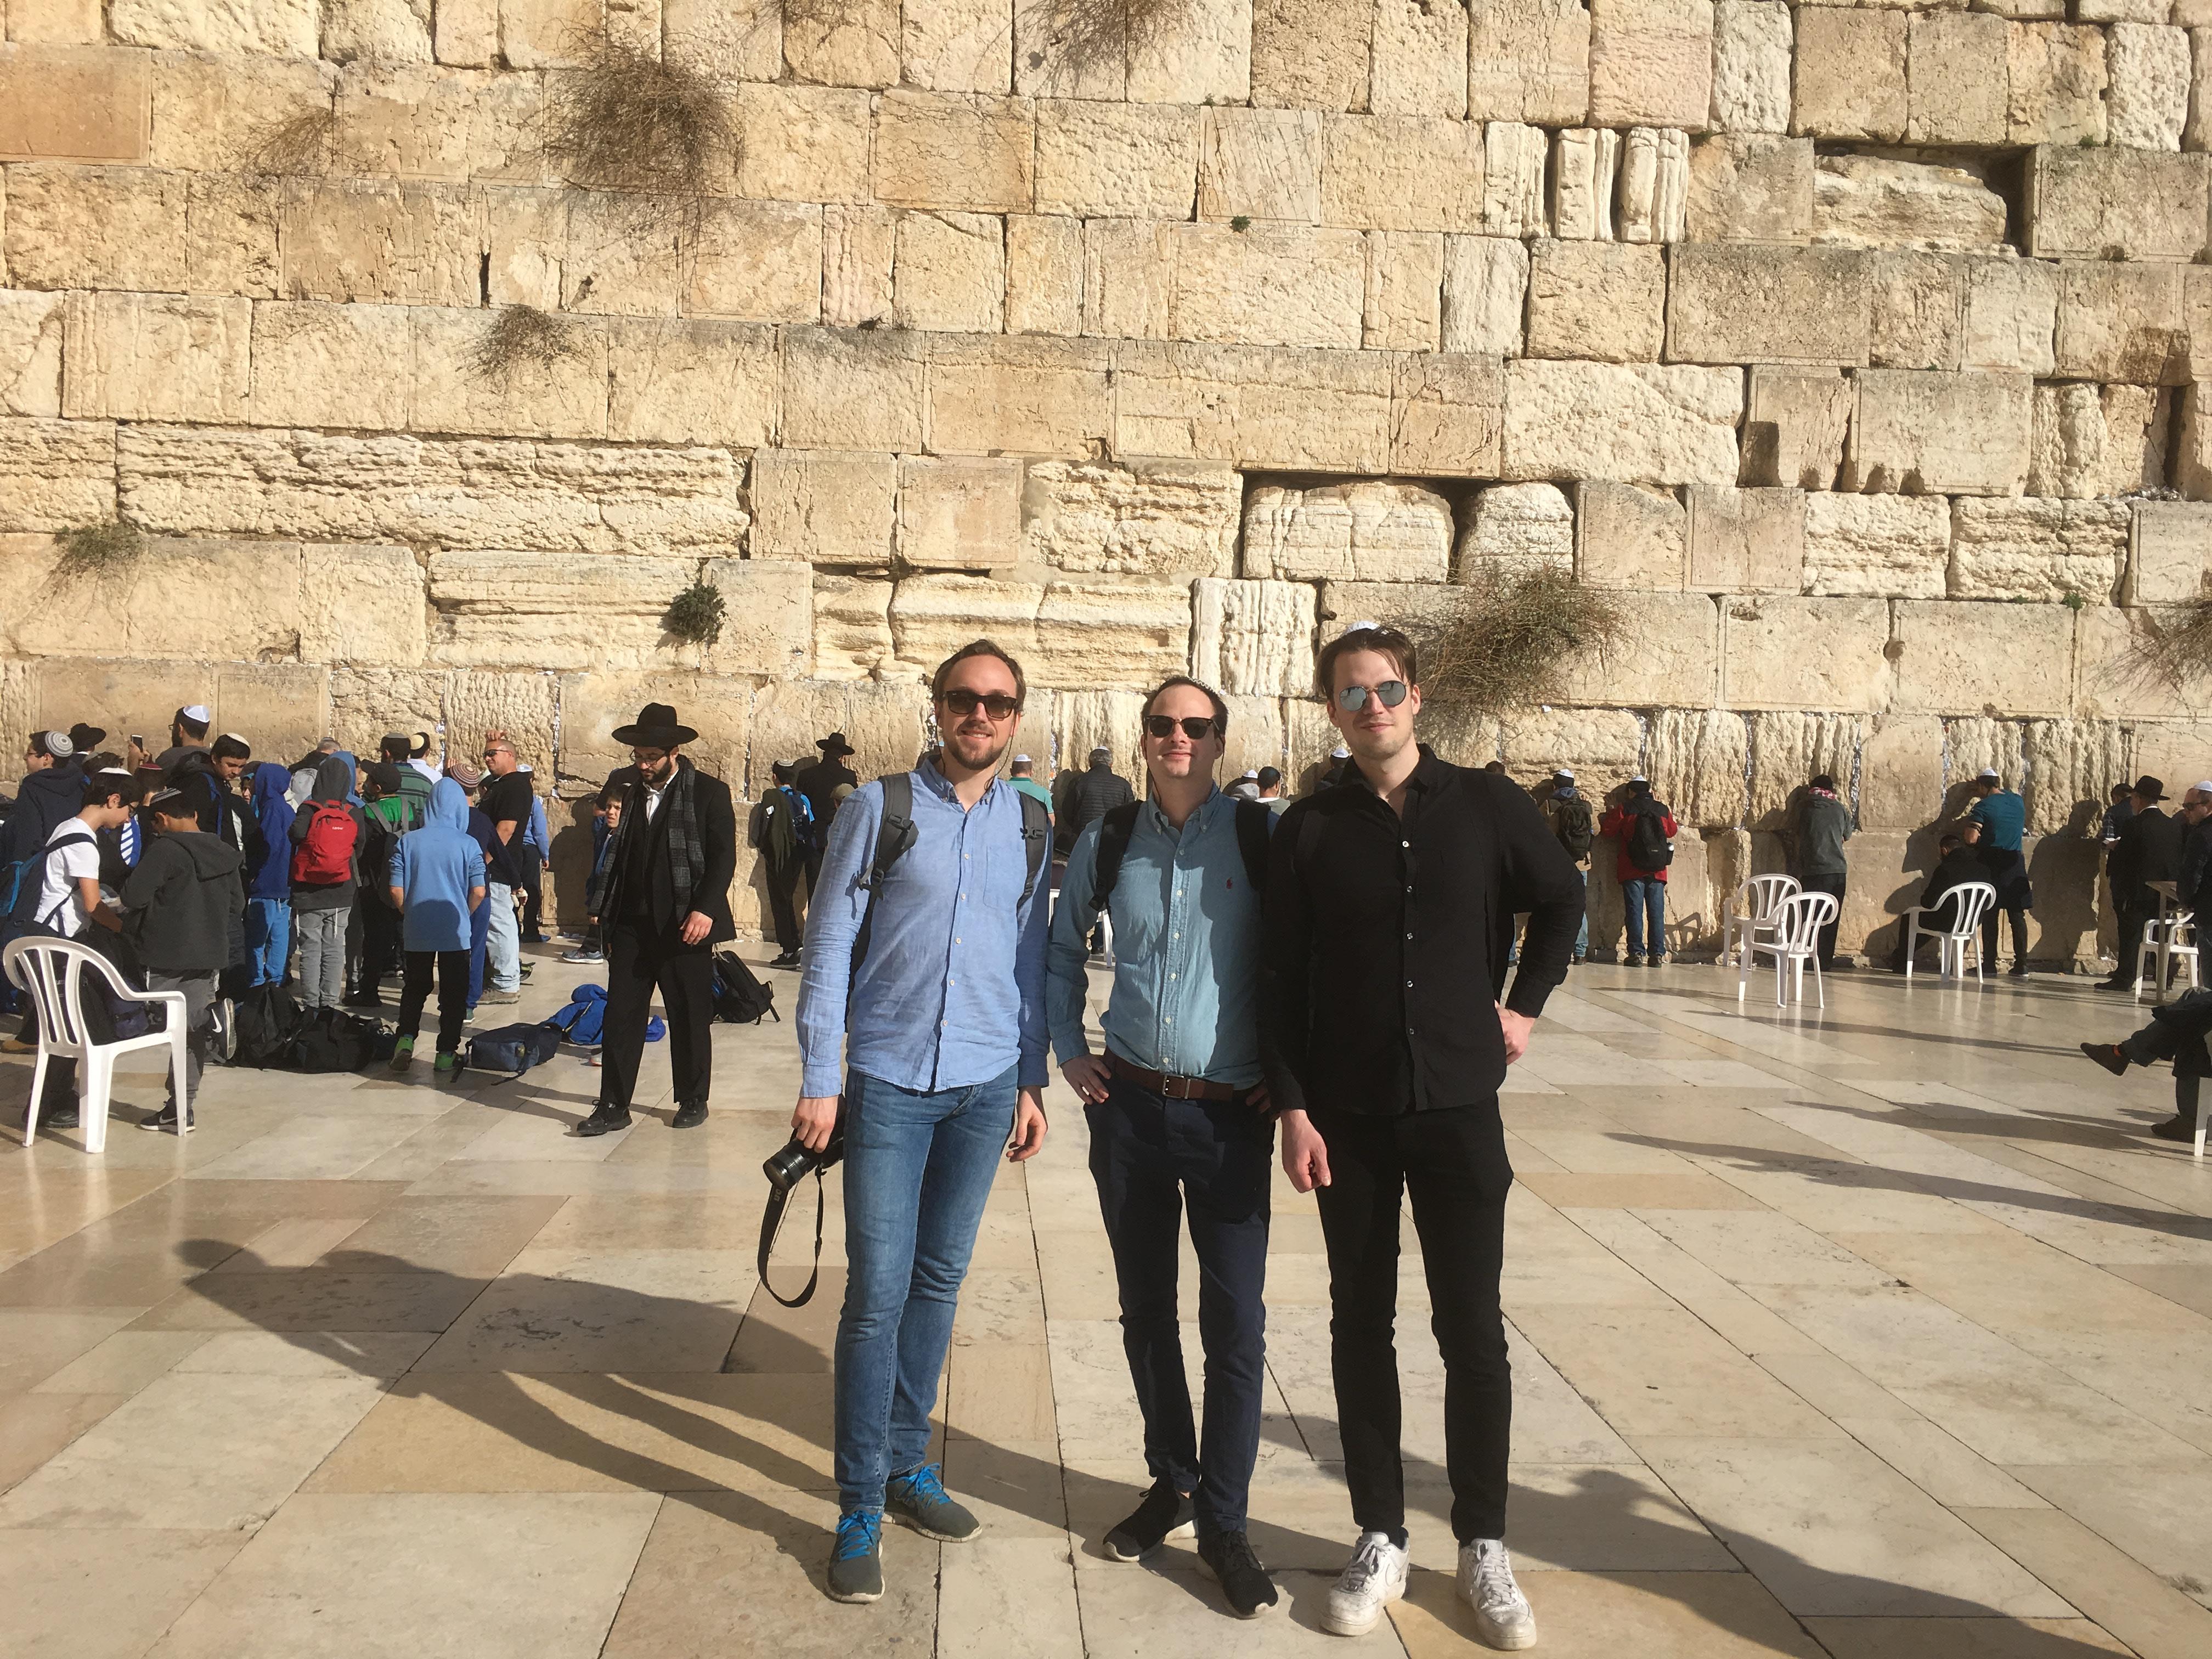 Jerusalem world center